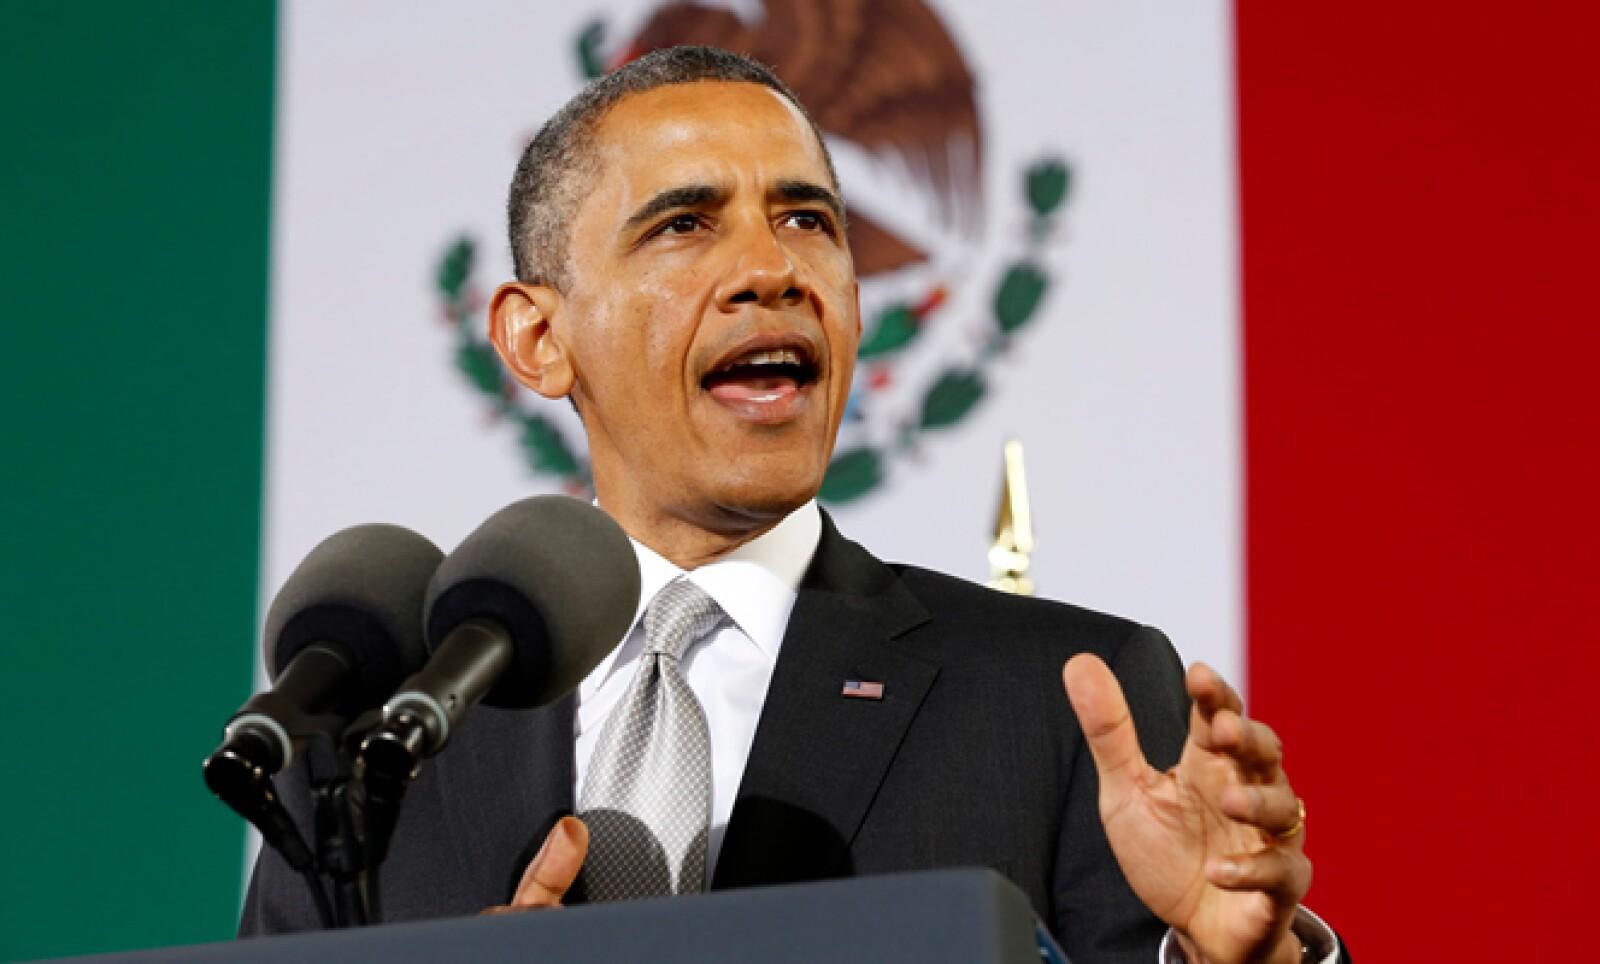 Barack Obama reconoció que las armas usadas para cometer crímenes en México vienen de su país, por lo que prometió trabajar para que se aprueben reformas que mantengan alejadas las armas de personas peligrosas.